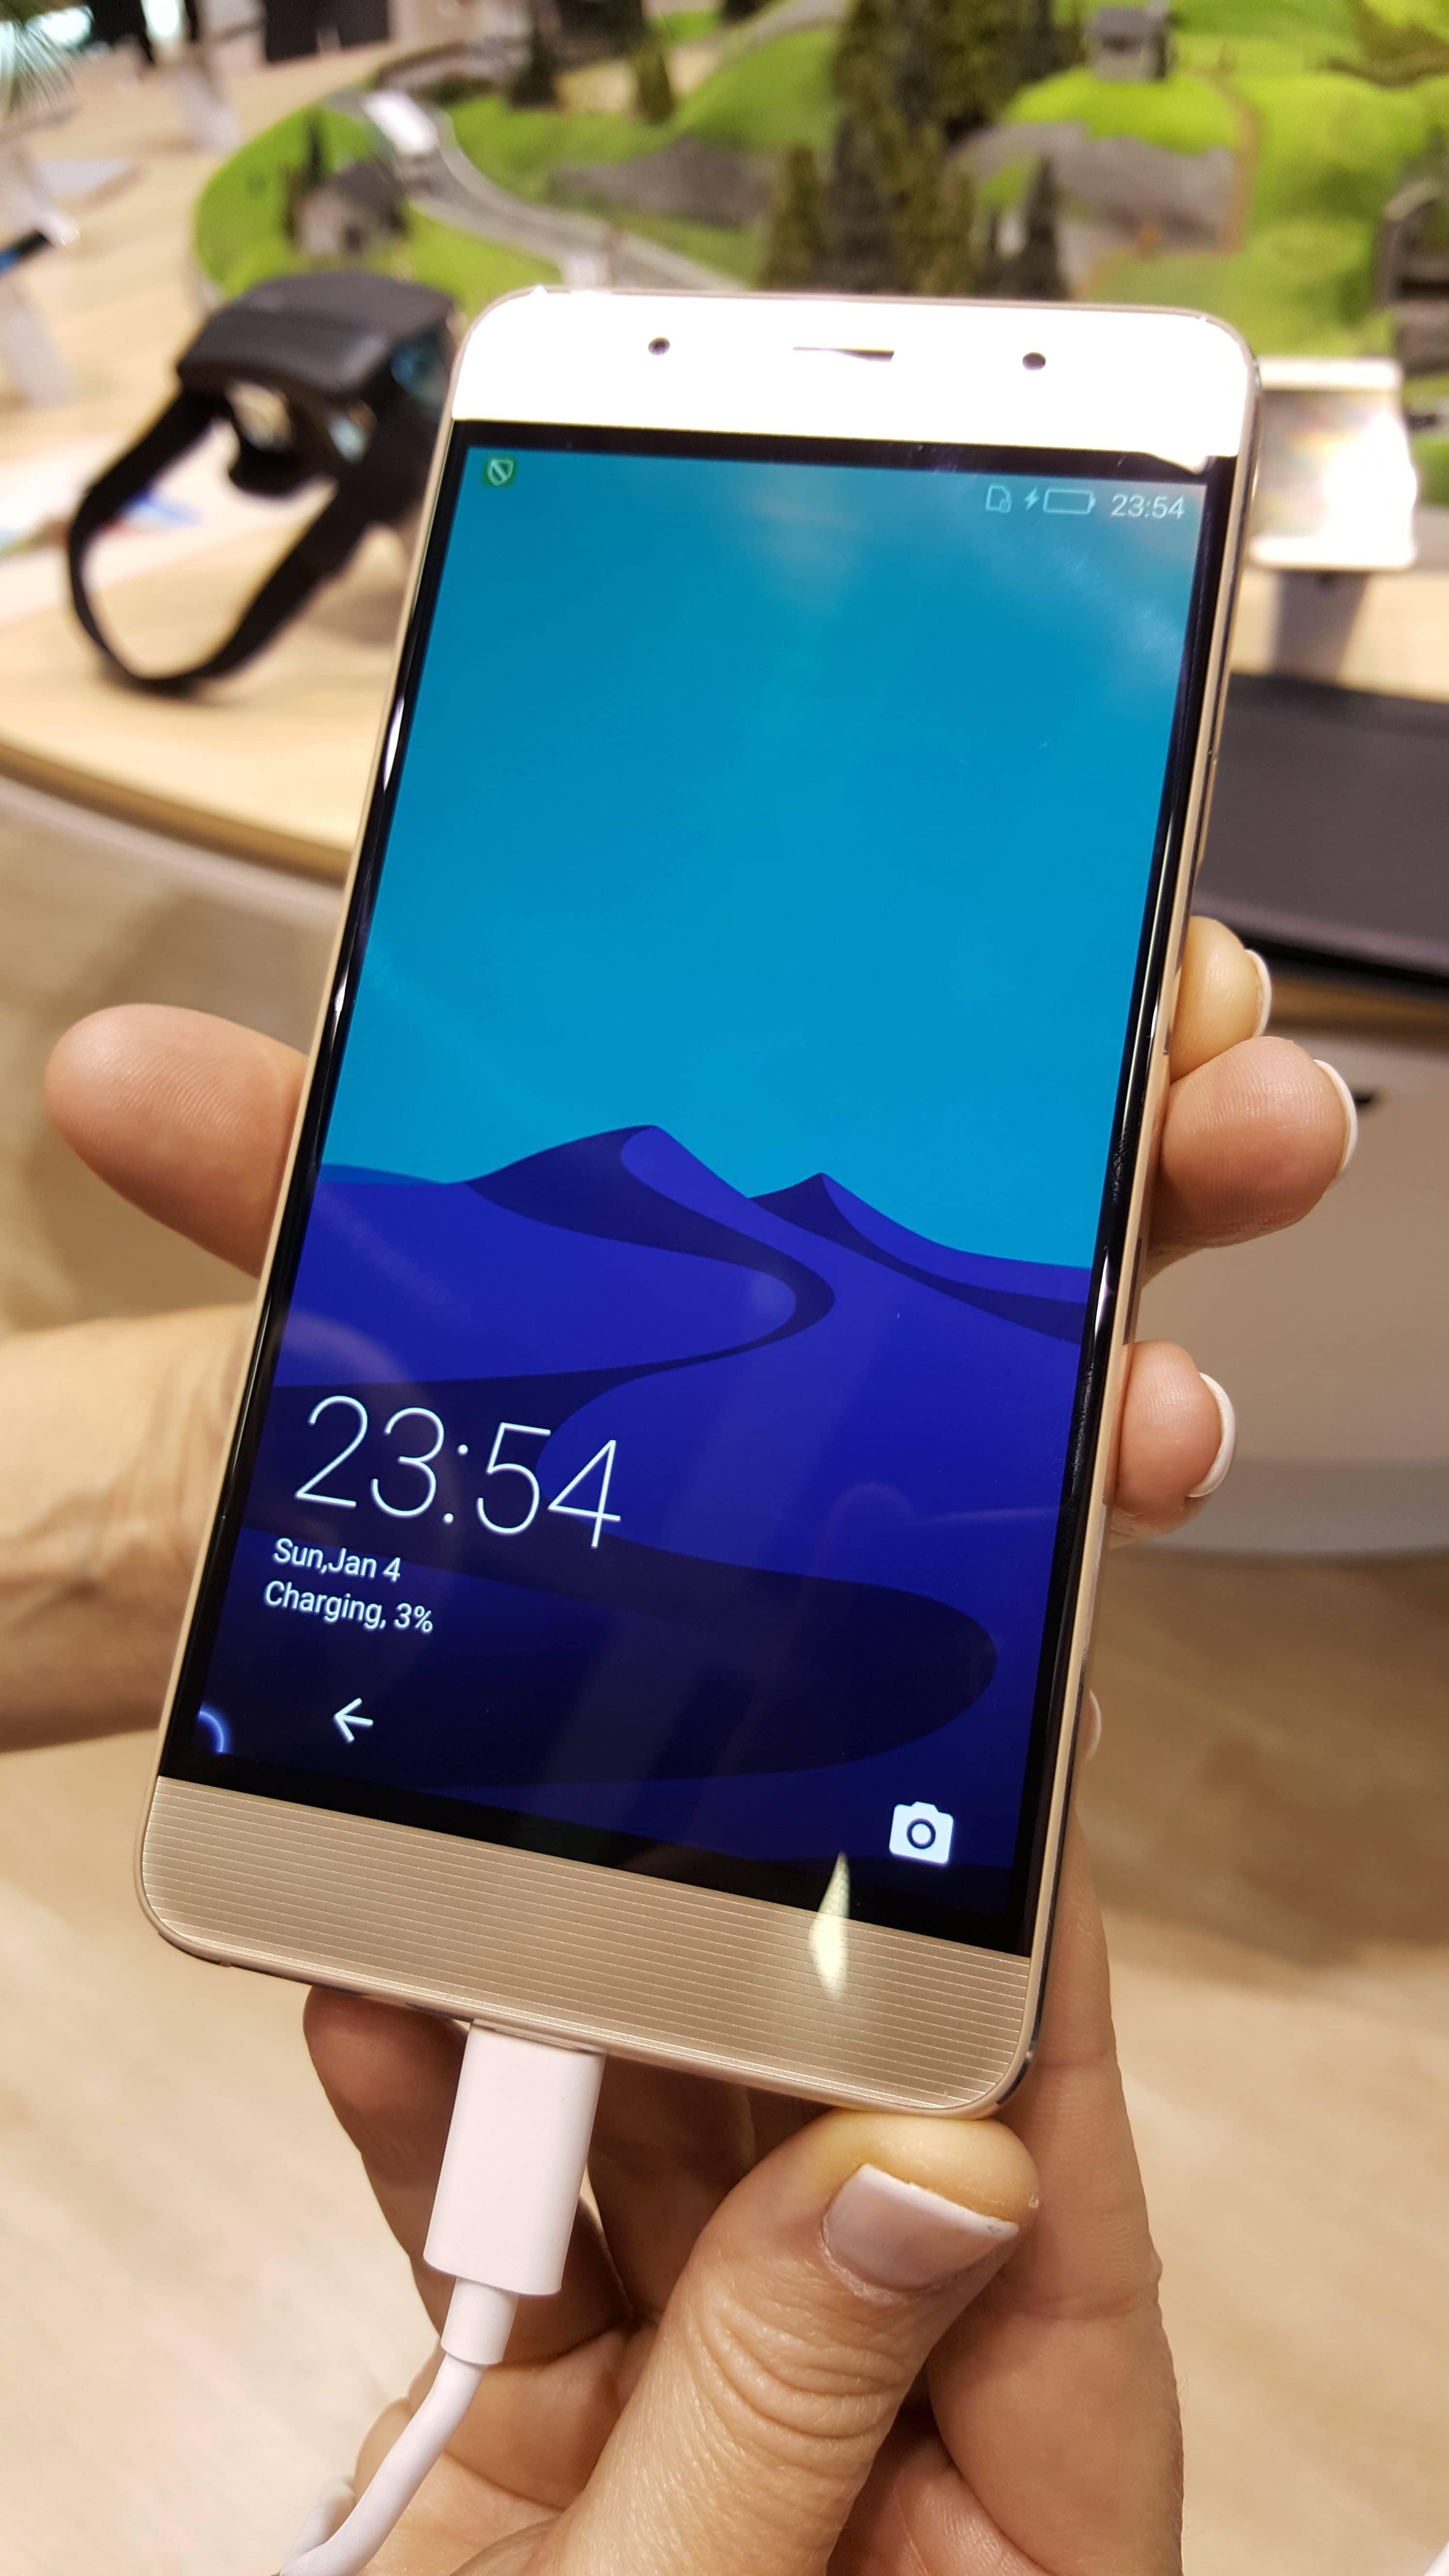 Photo of Hisense A2: Smartphone mit zweitem E-Ink Display auf der Rückseite